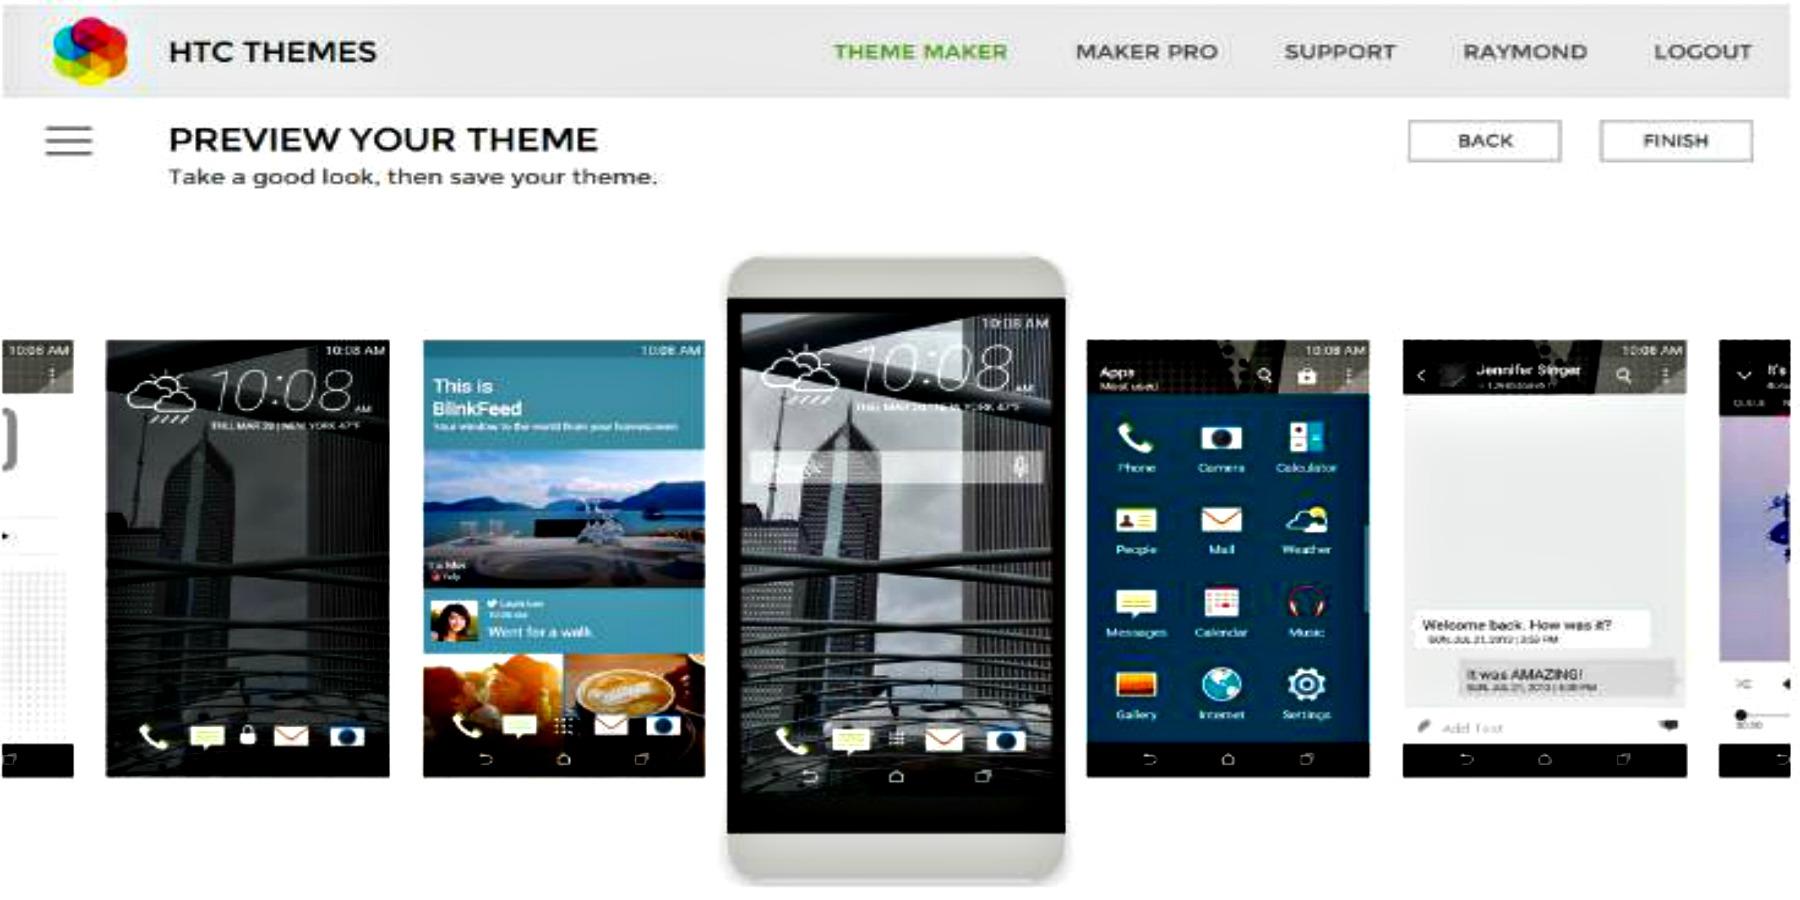 HTC te invita a crear y publicar tu propio diseño vía HTC Themes